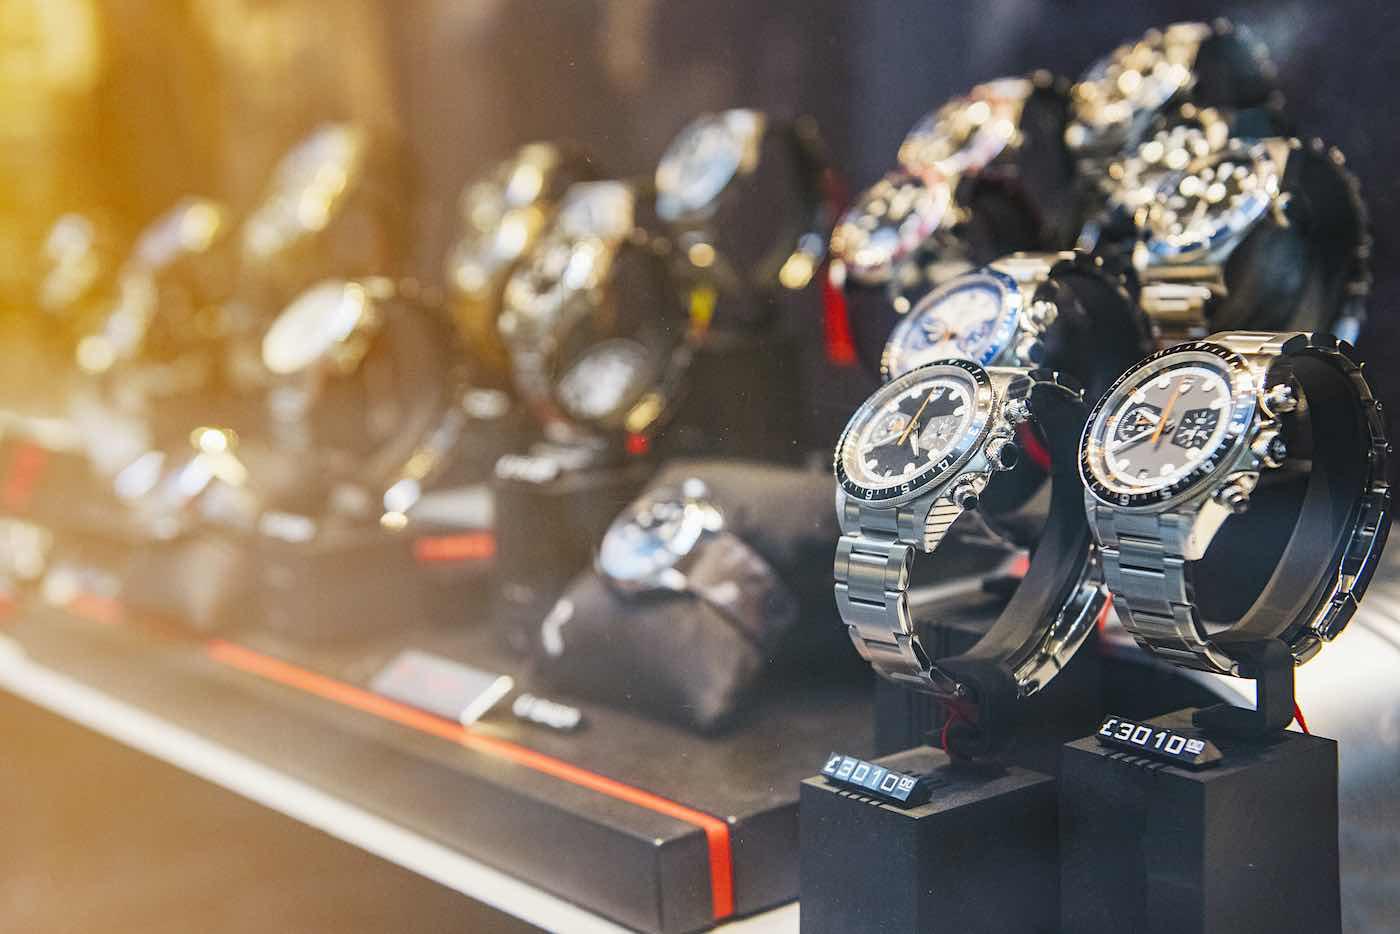 La historia detrás de 10 marcas de relojes de lujo